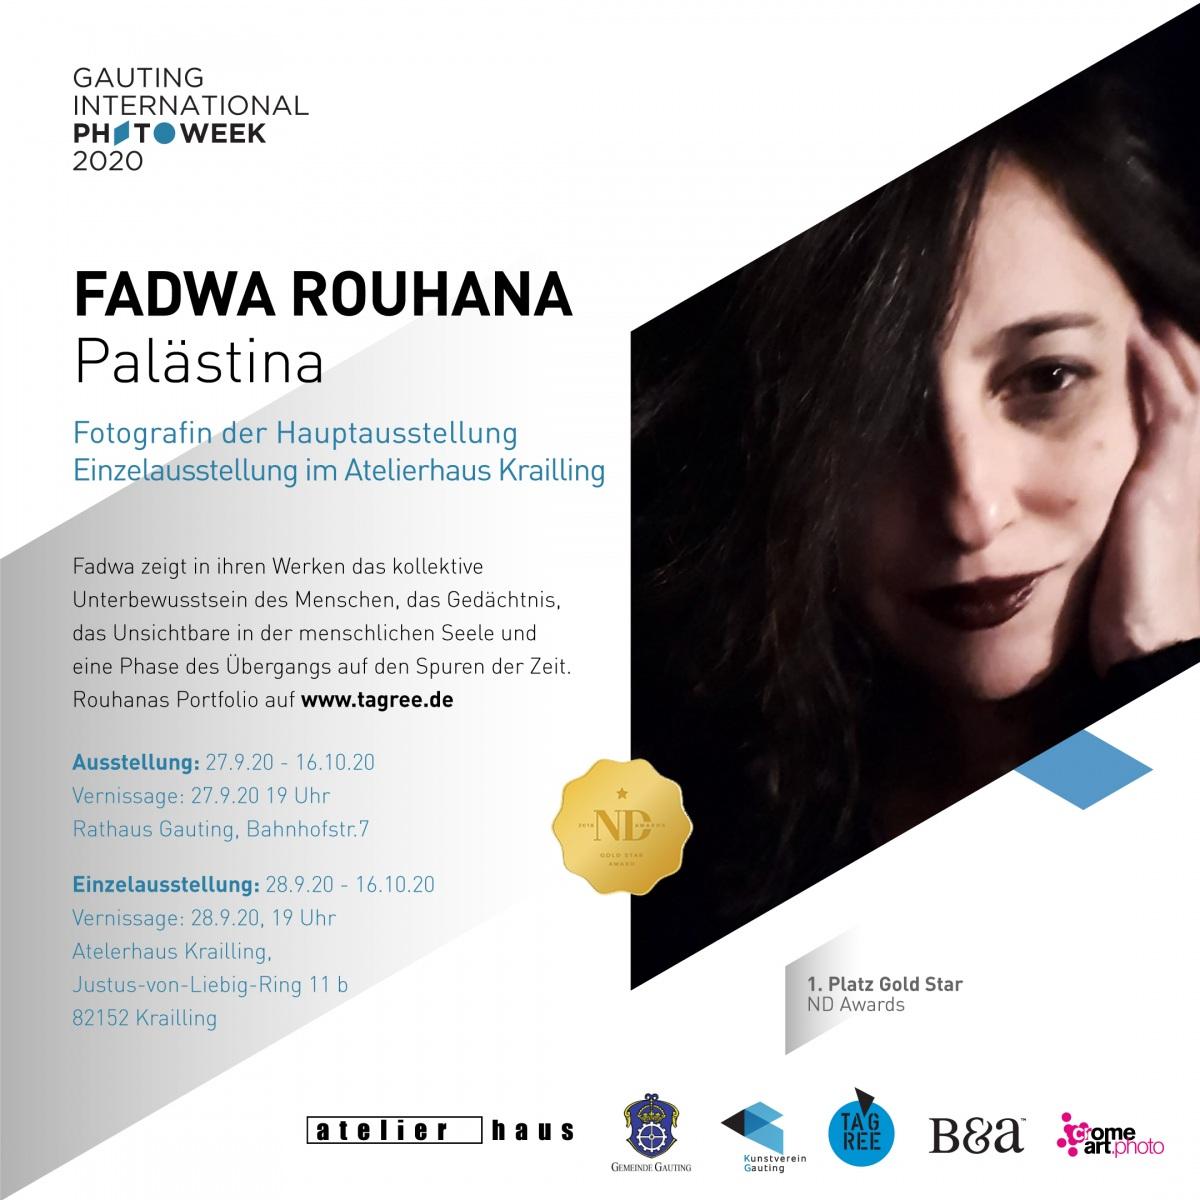 Fadwa Rouhana / Palästina